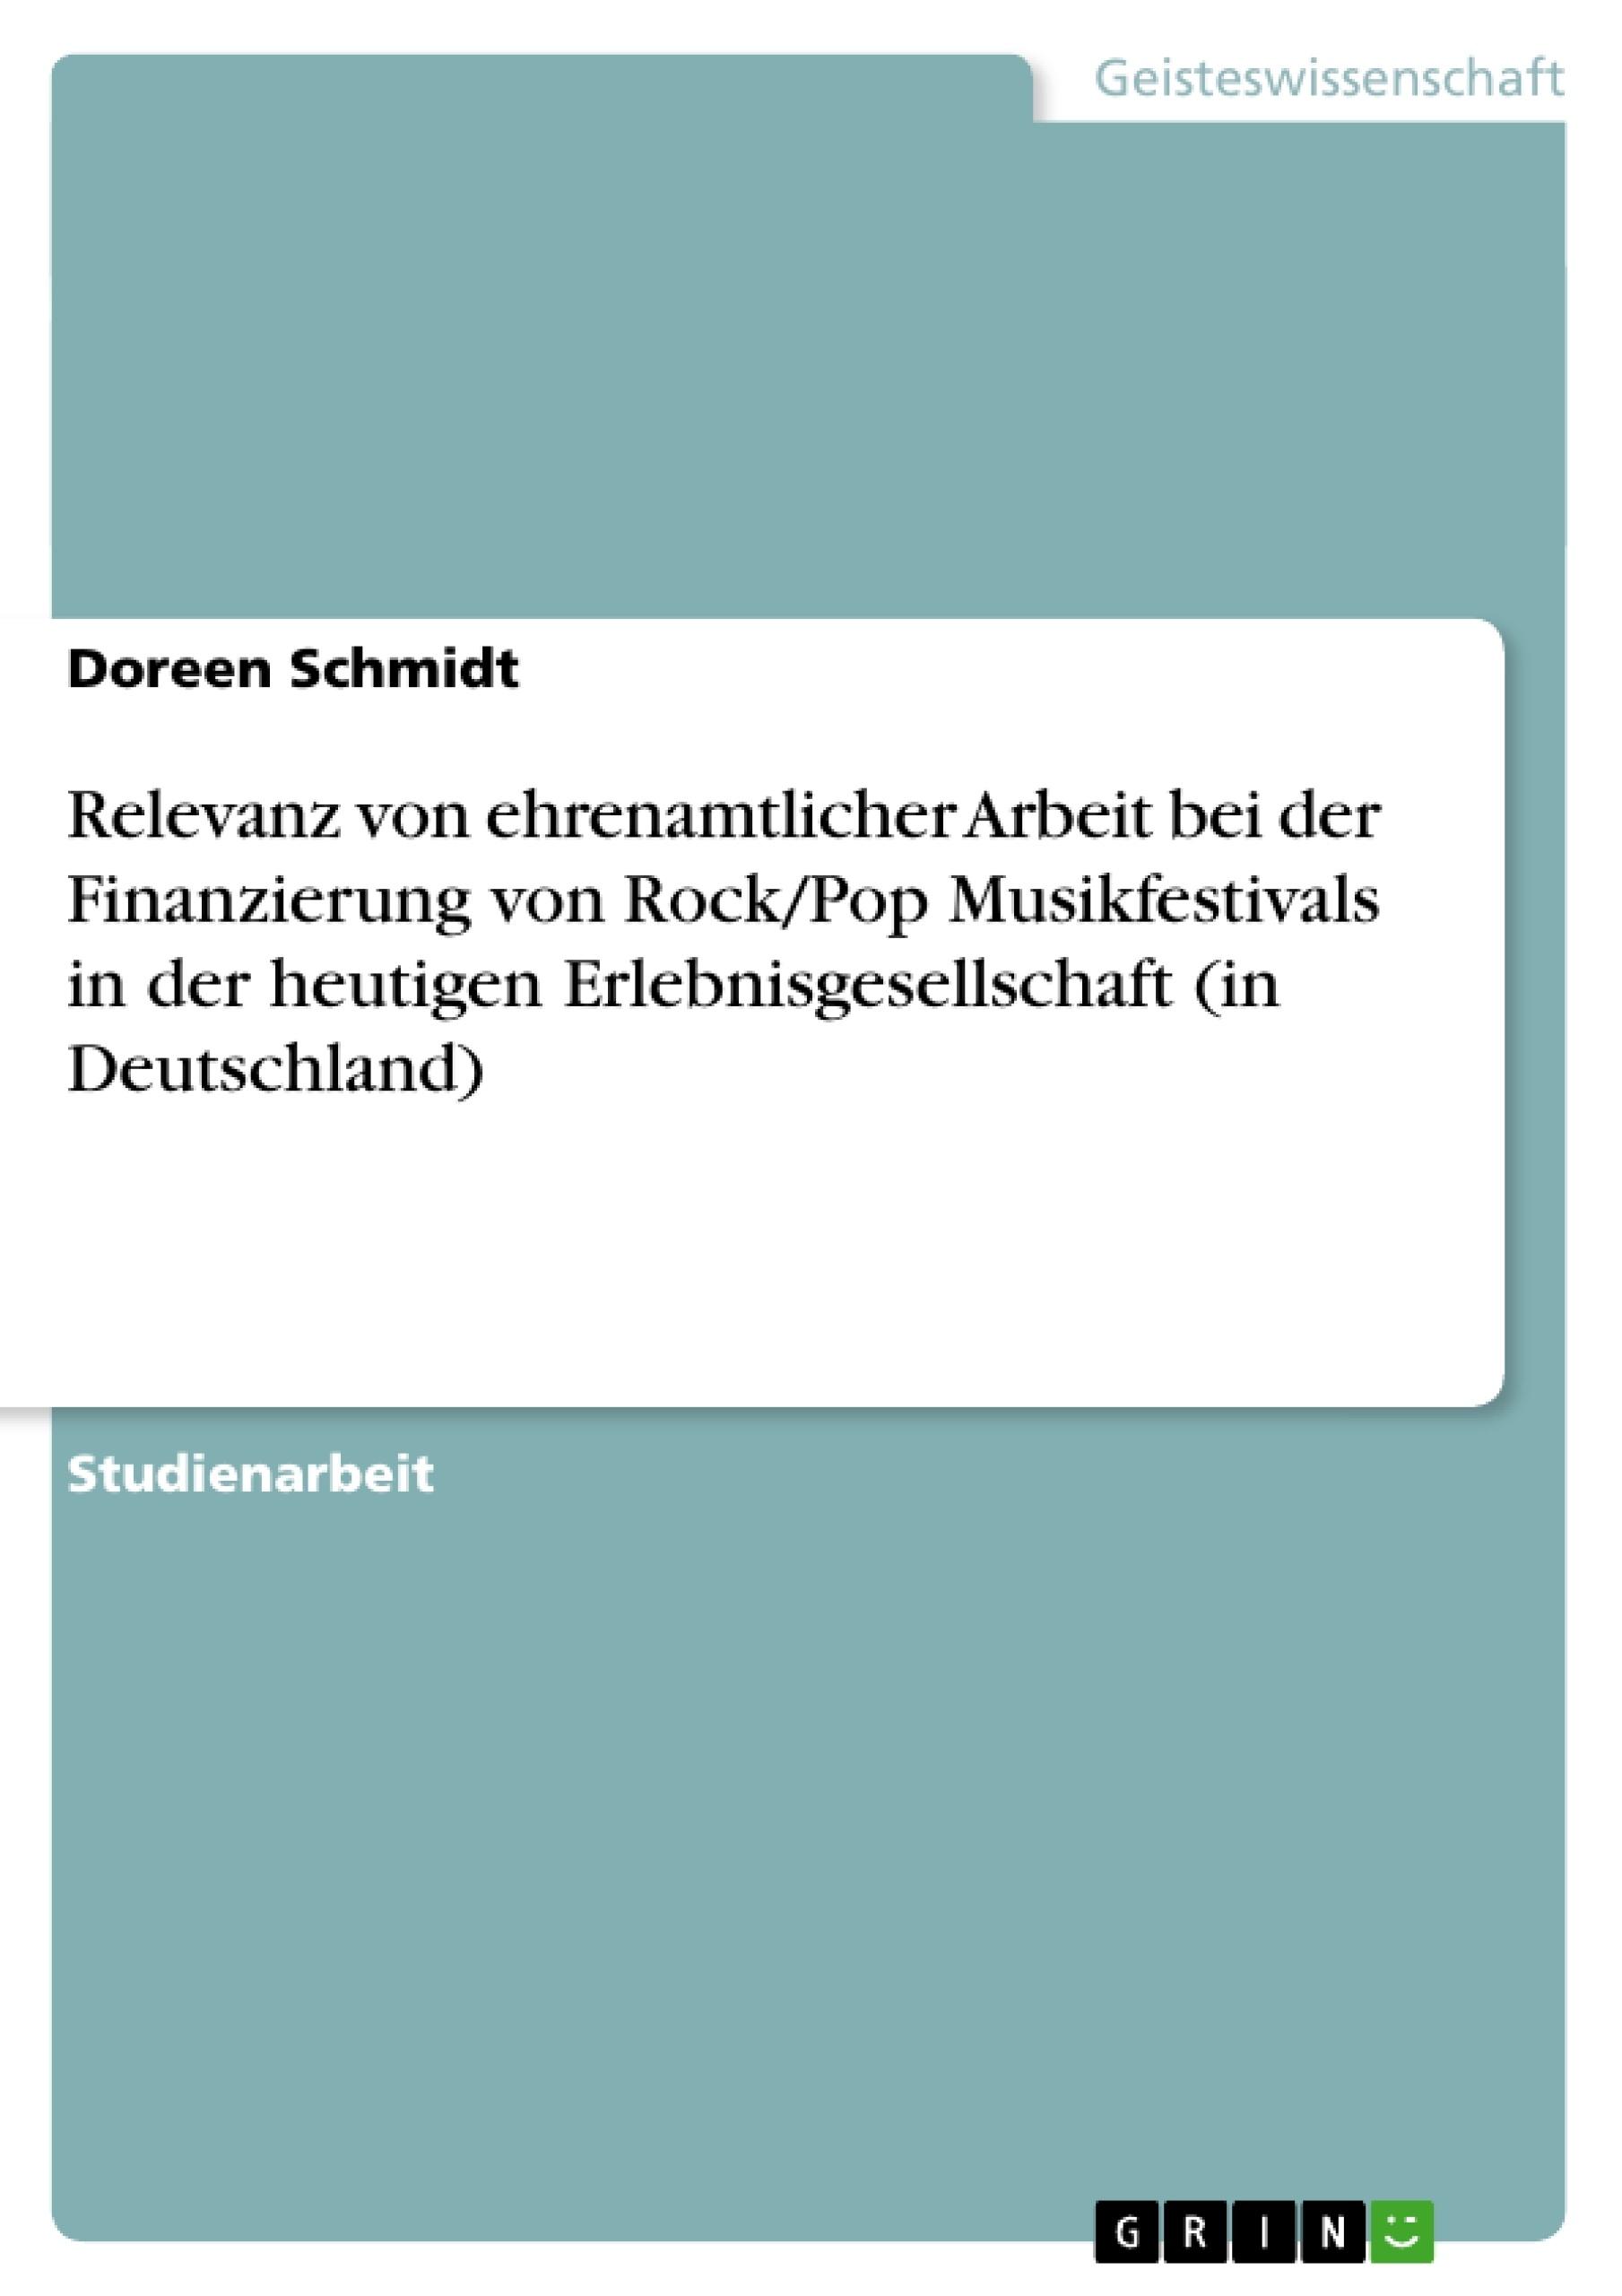 Titel: Relevanz von ehrenamtlicher Arbeit bei der Finanzierung von Rock/Pop Musikfestivals in der heutigen Erlebnisgesellschaft (in Deutschland)